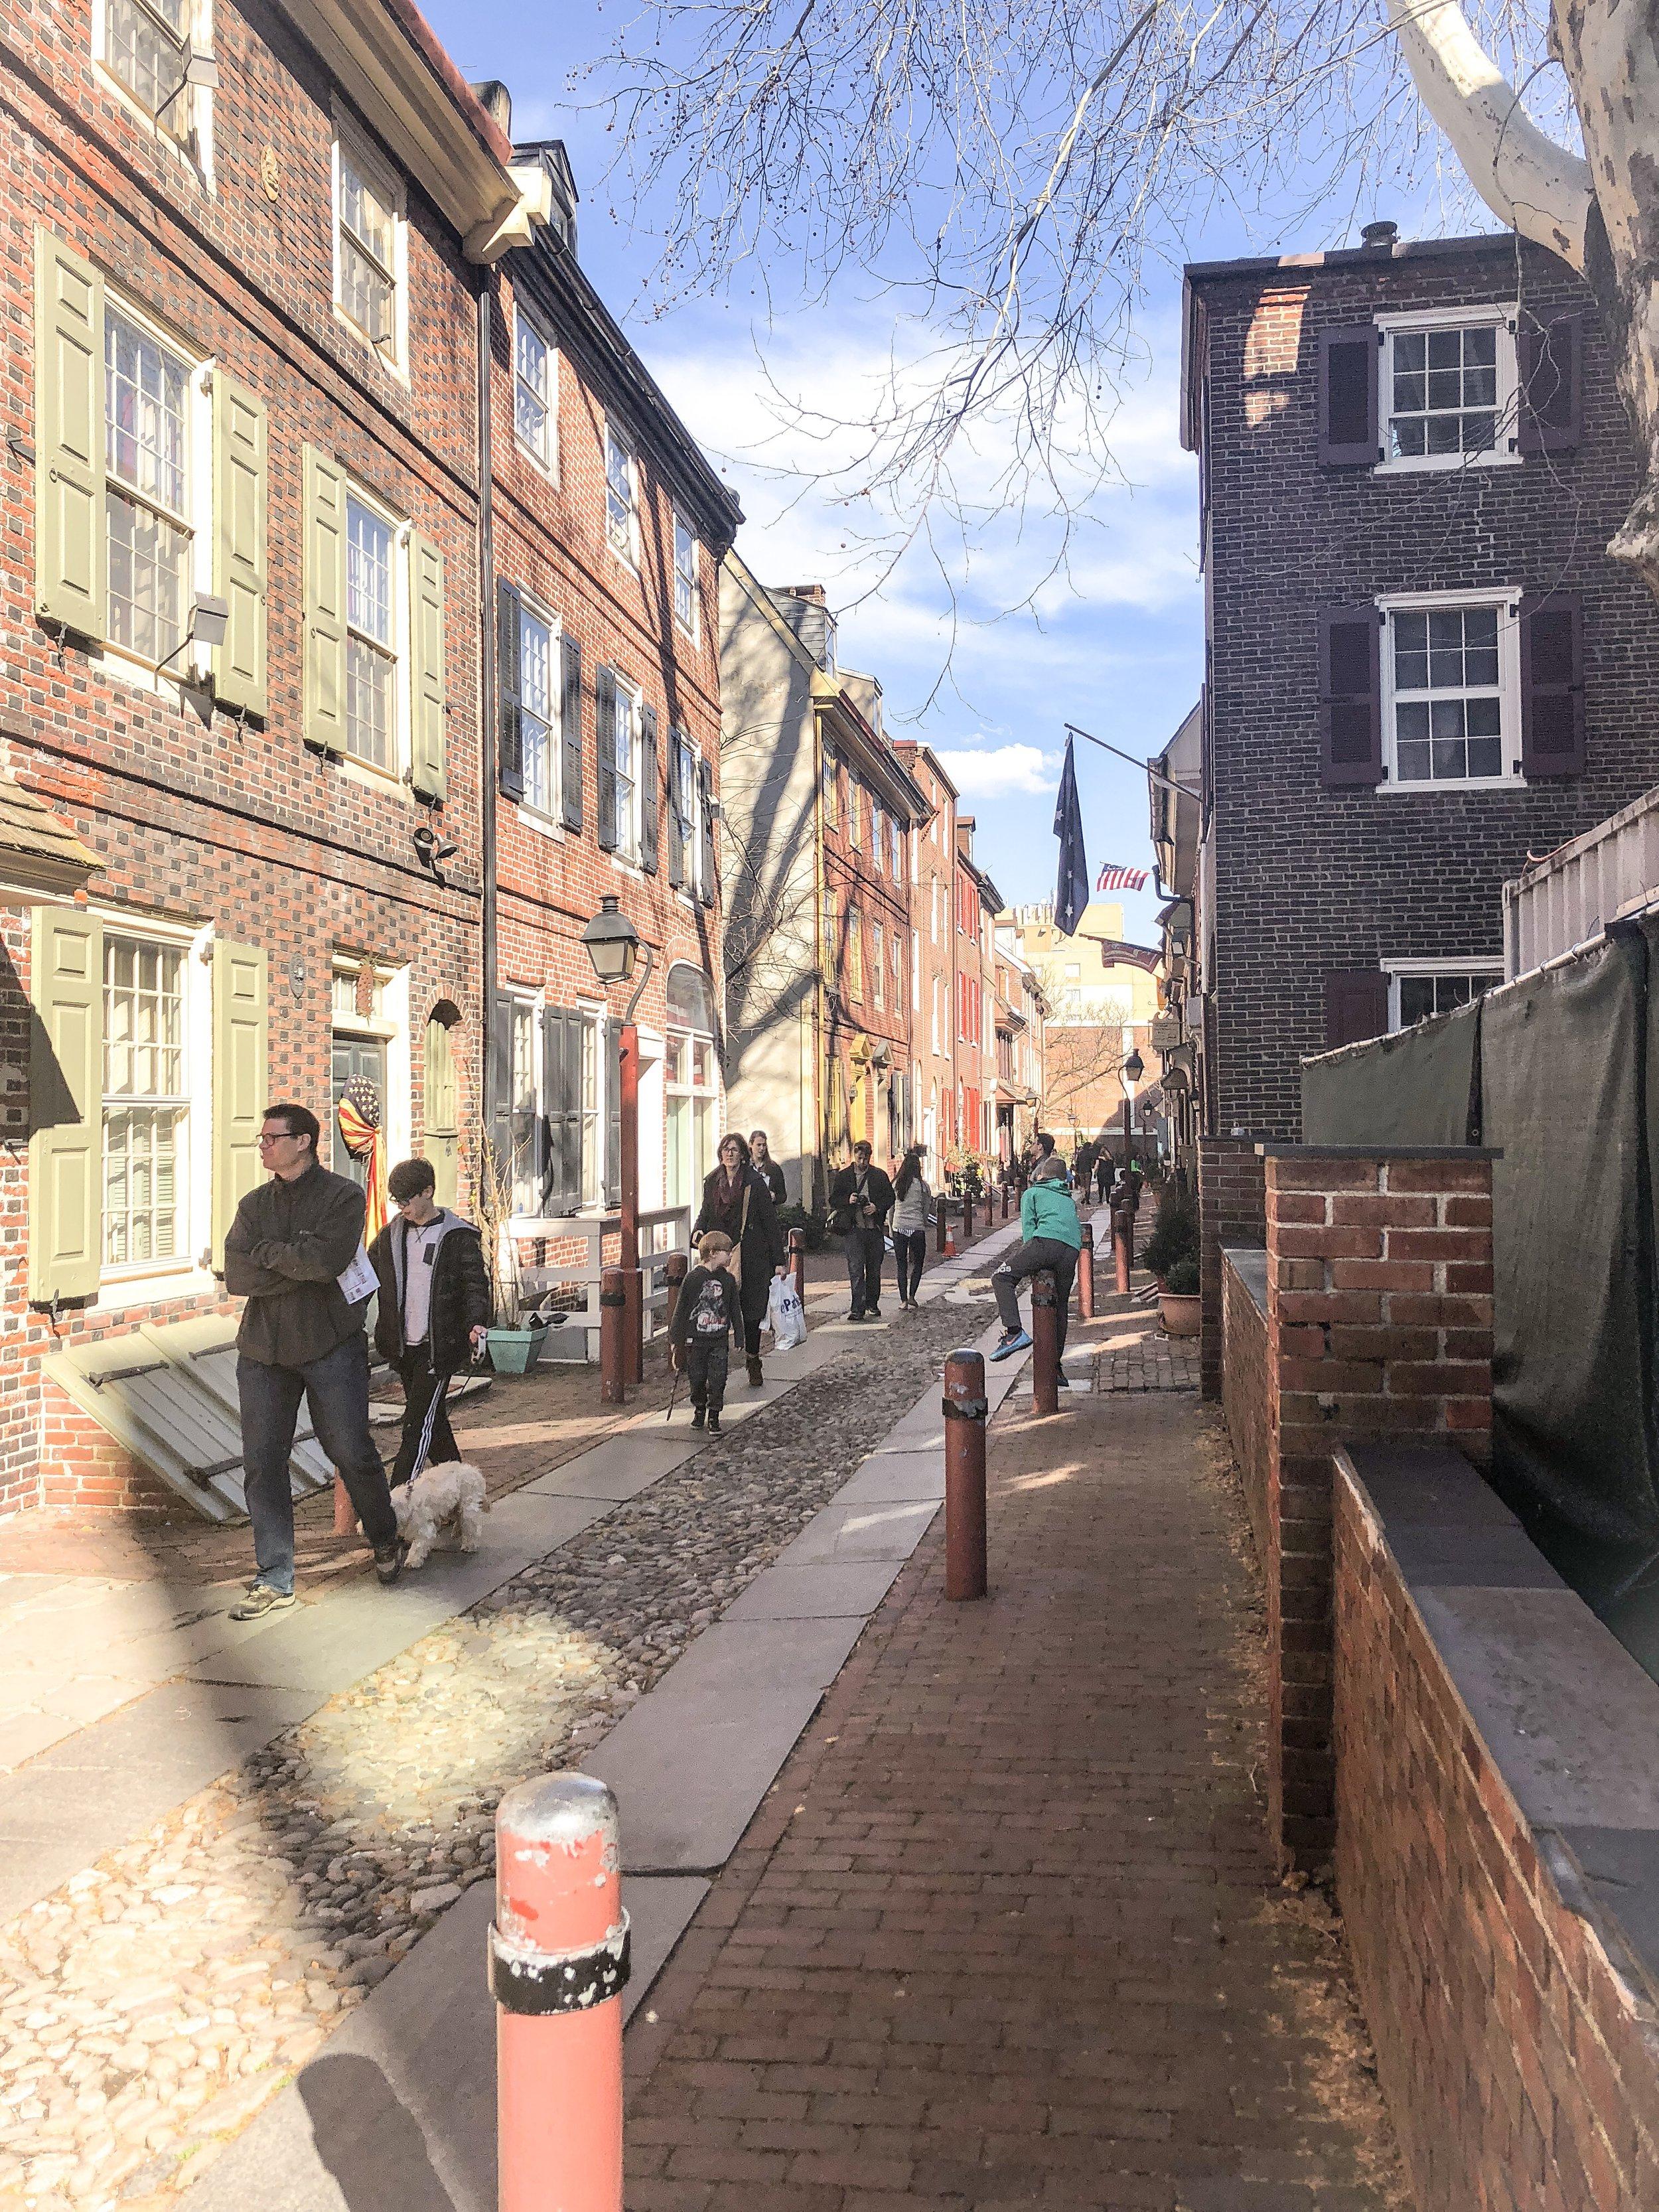 Adorable Elfreth's Alley